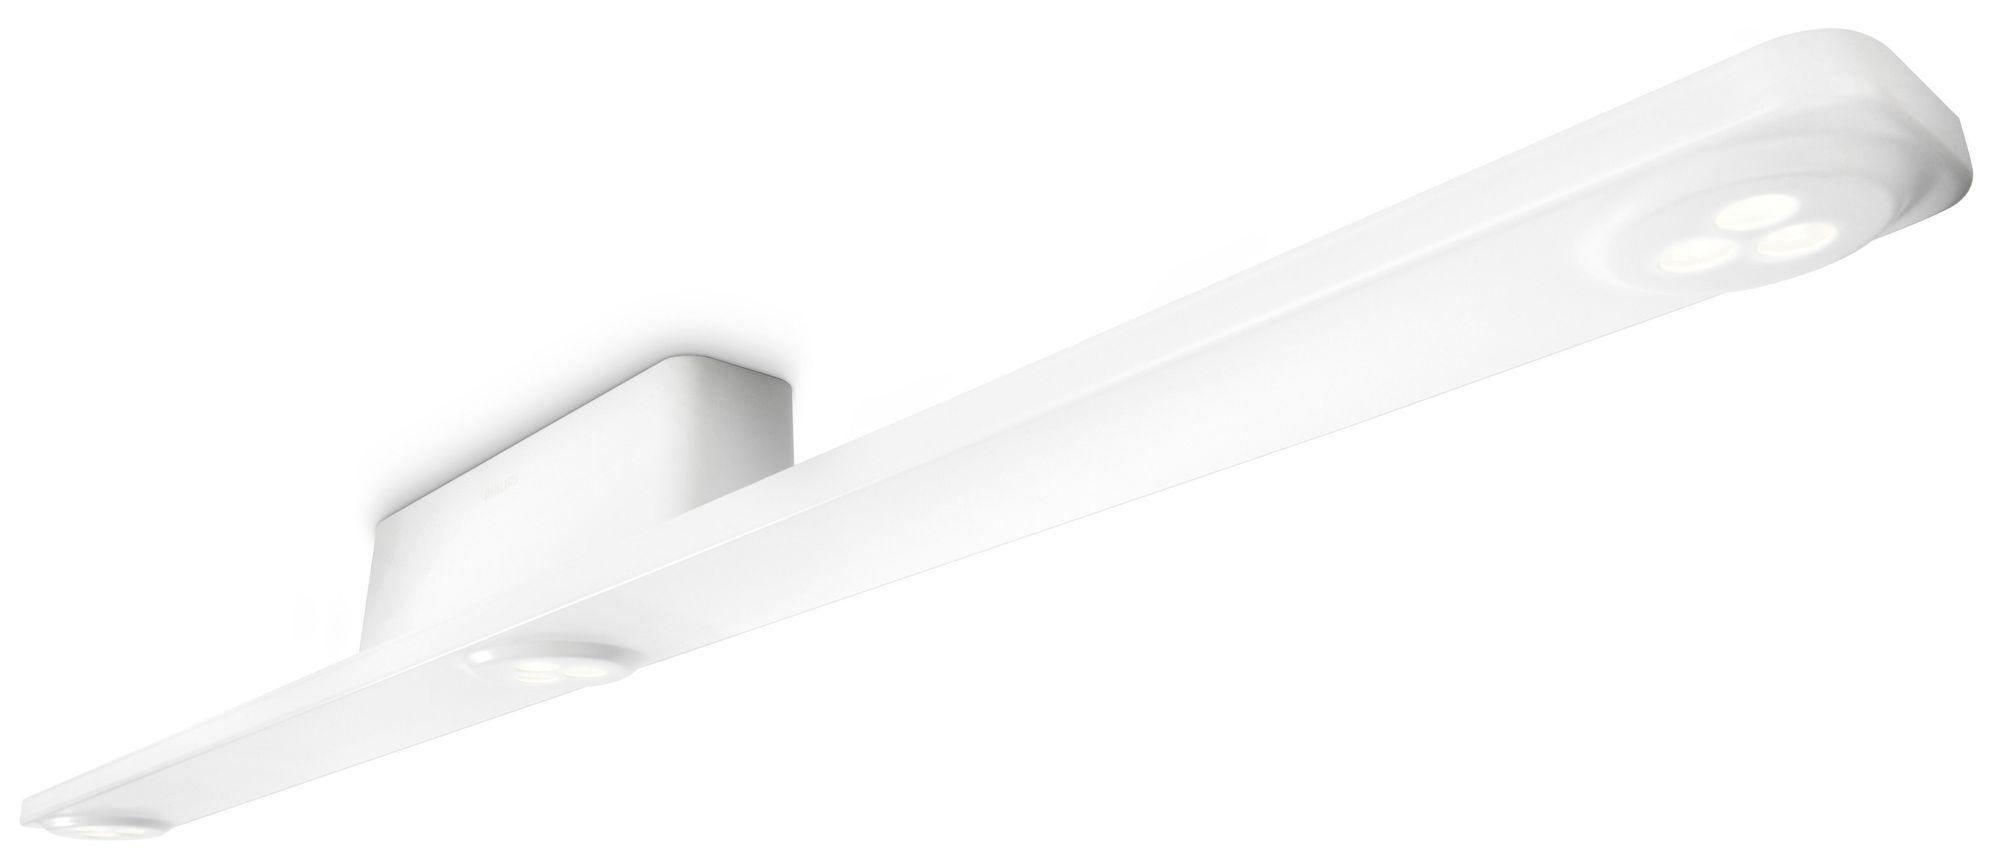 philips badkamer plafondlamp kopen online internetwinkel. Black Bedroom Furniture Sets. Home Design Ideas